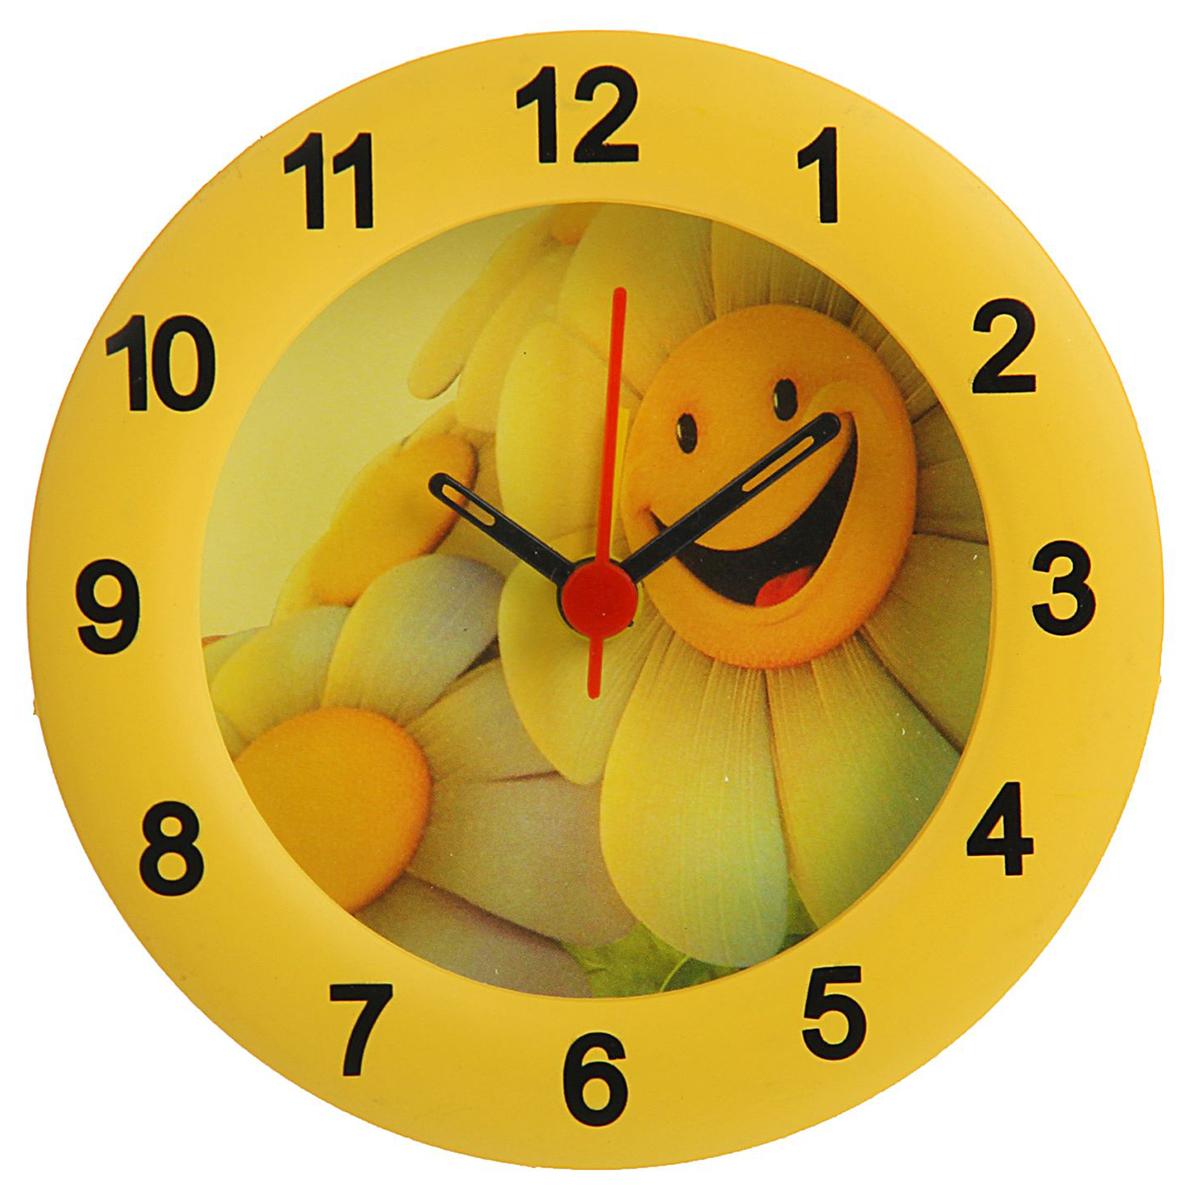 Будильник Ромашка-улыбашка, диаметр 10 см. 834755834755Каждому хозяину периодически приходит мысль обновить свою квартиру, сделать ремонт,перестановку или кардинально поменять внешний вид каждой комнаты. Будильник -привлекательная деталь, которая поможет воплотить вашу интерьерную идею, создатьнеповторимую атмосферу в вашем доме.Окружите себя приятными мелочами, пусть онирадуют глаз и дарят гармонию.